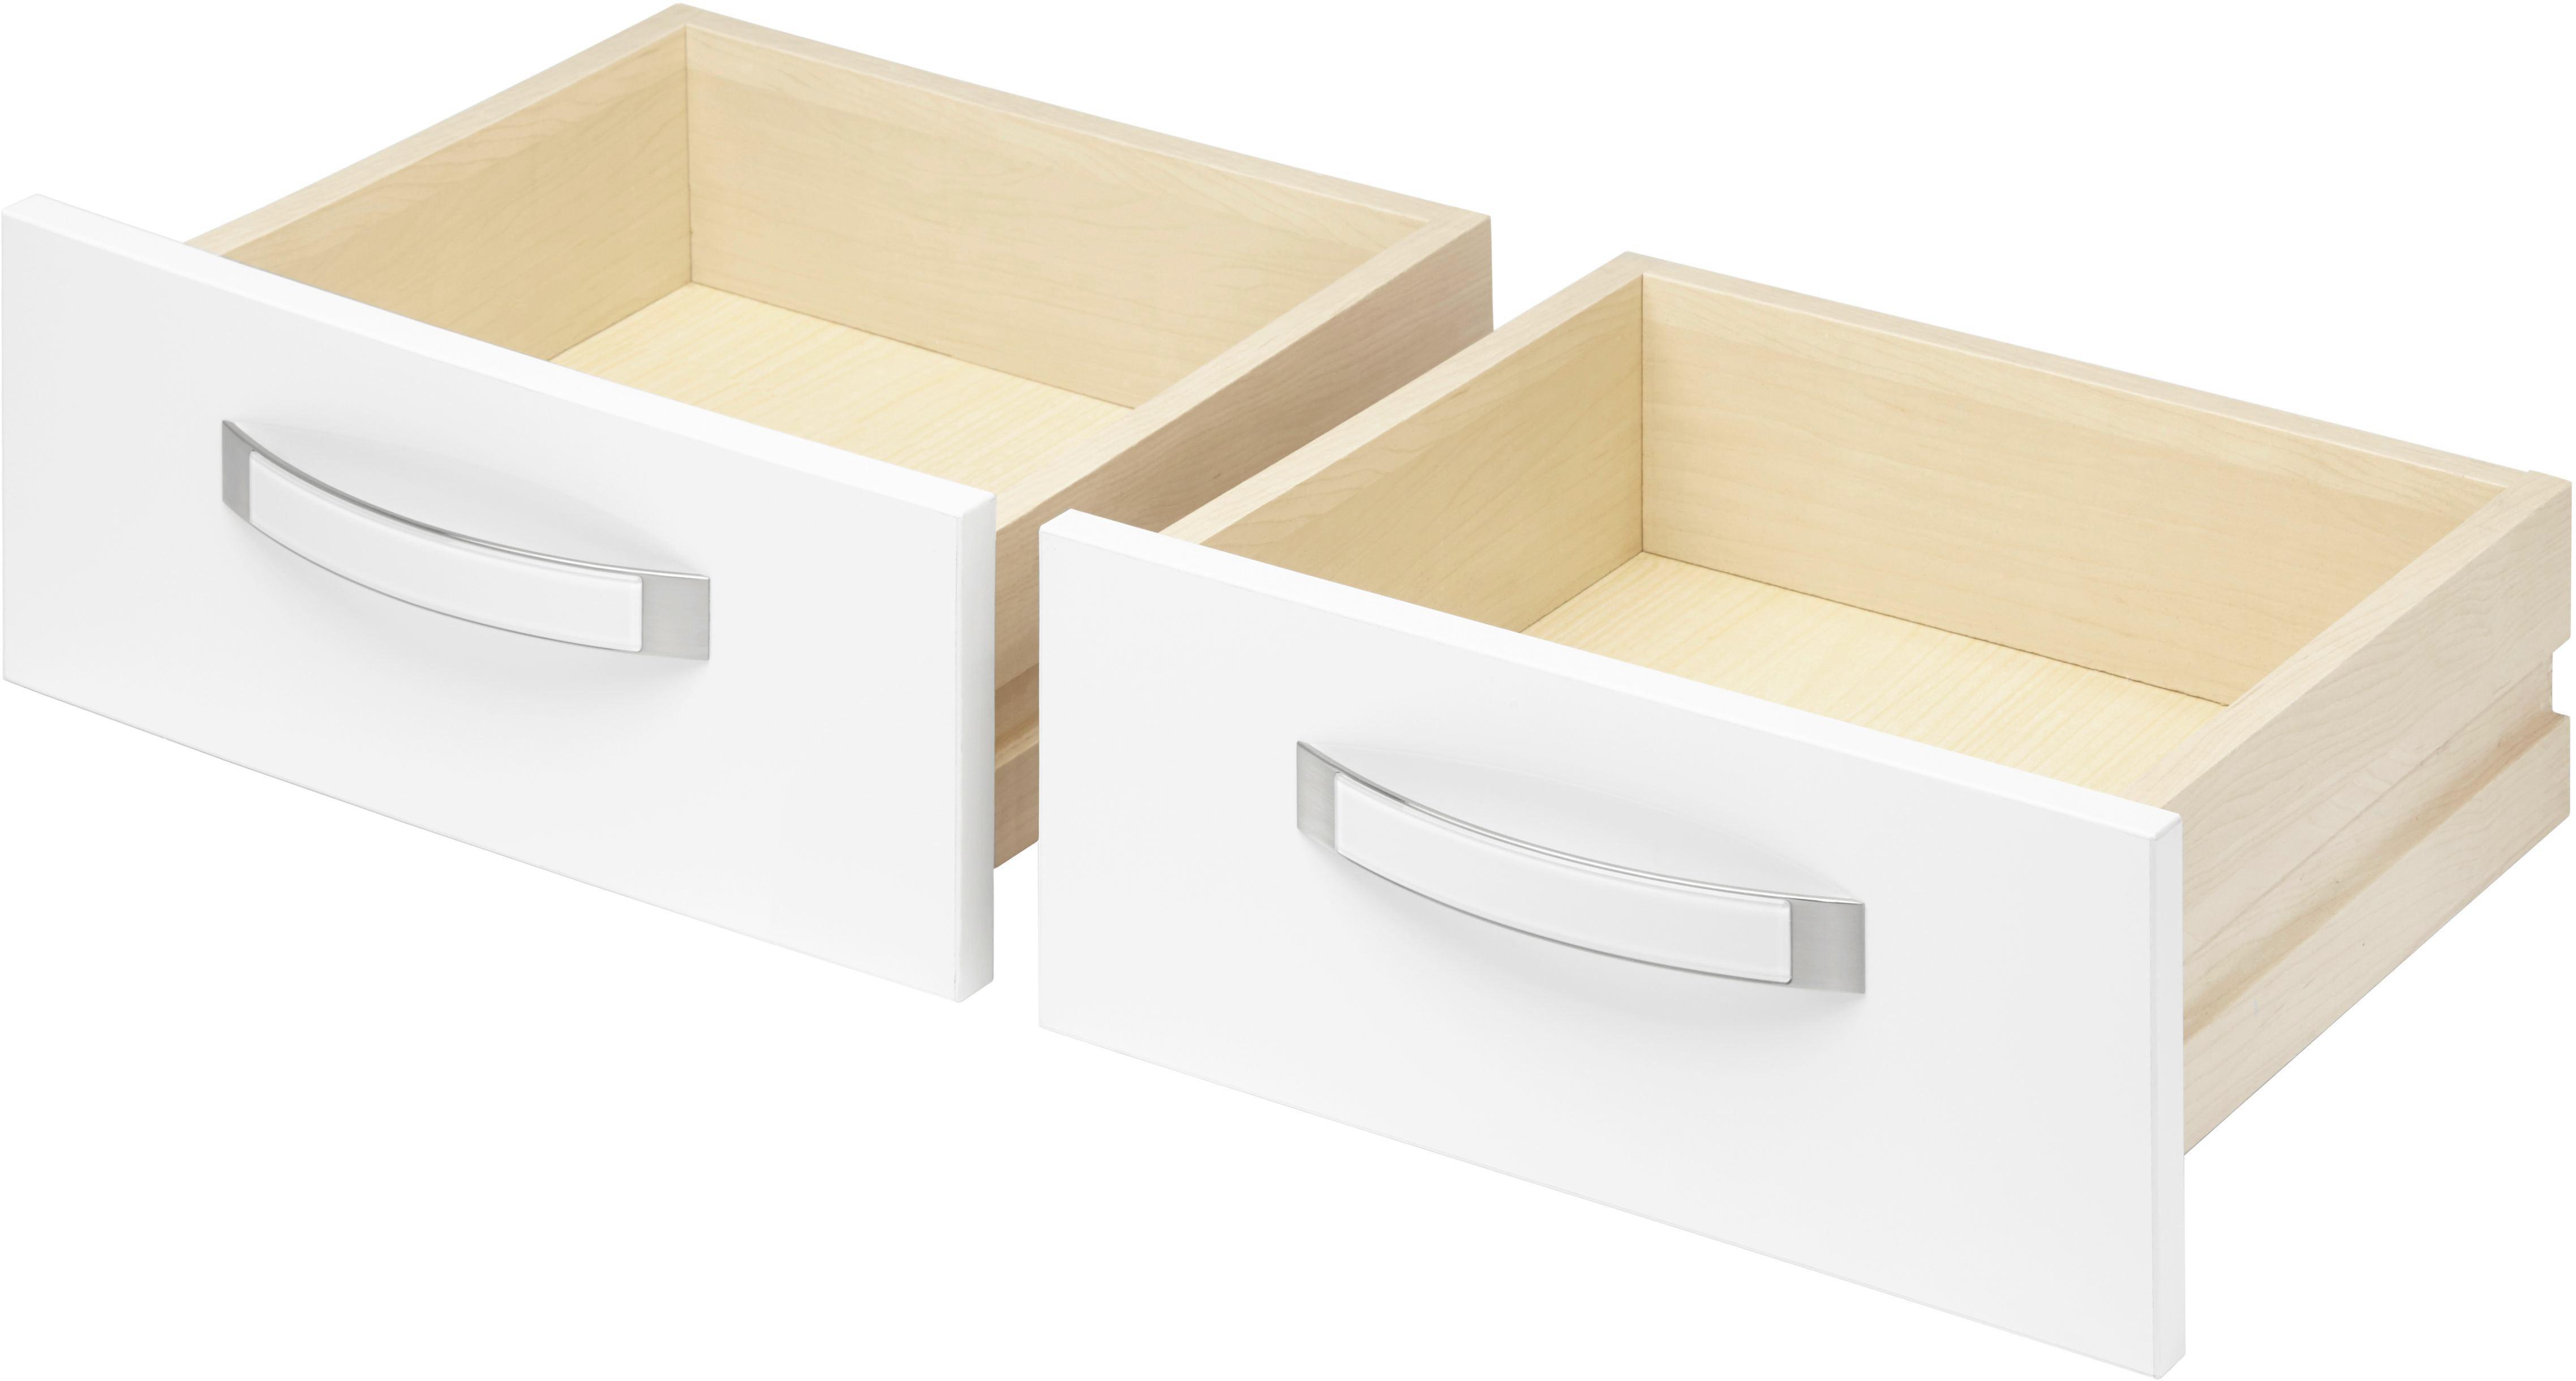 Schubkasteneinsatz in Weiß, 2 Schubkästen - Weiß, MODERN, Holz/Kunststoff (39.4/34.9/36.5cm) - PREMIUM LIVING